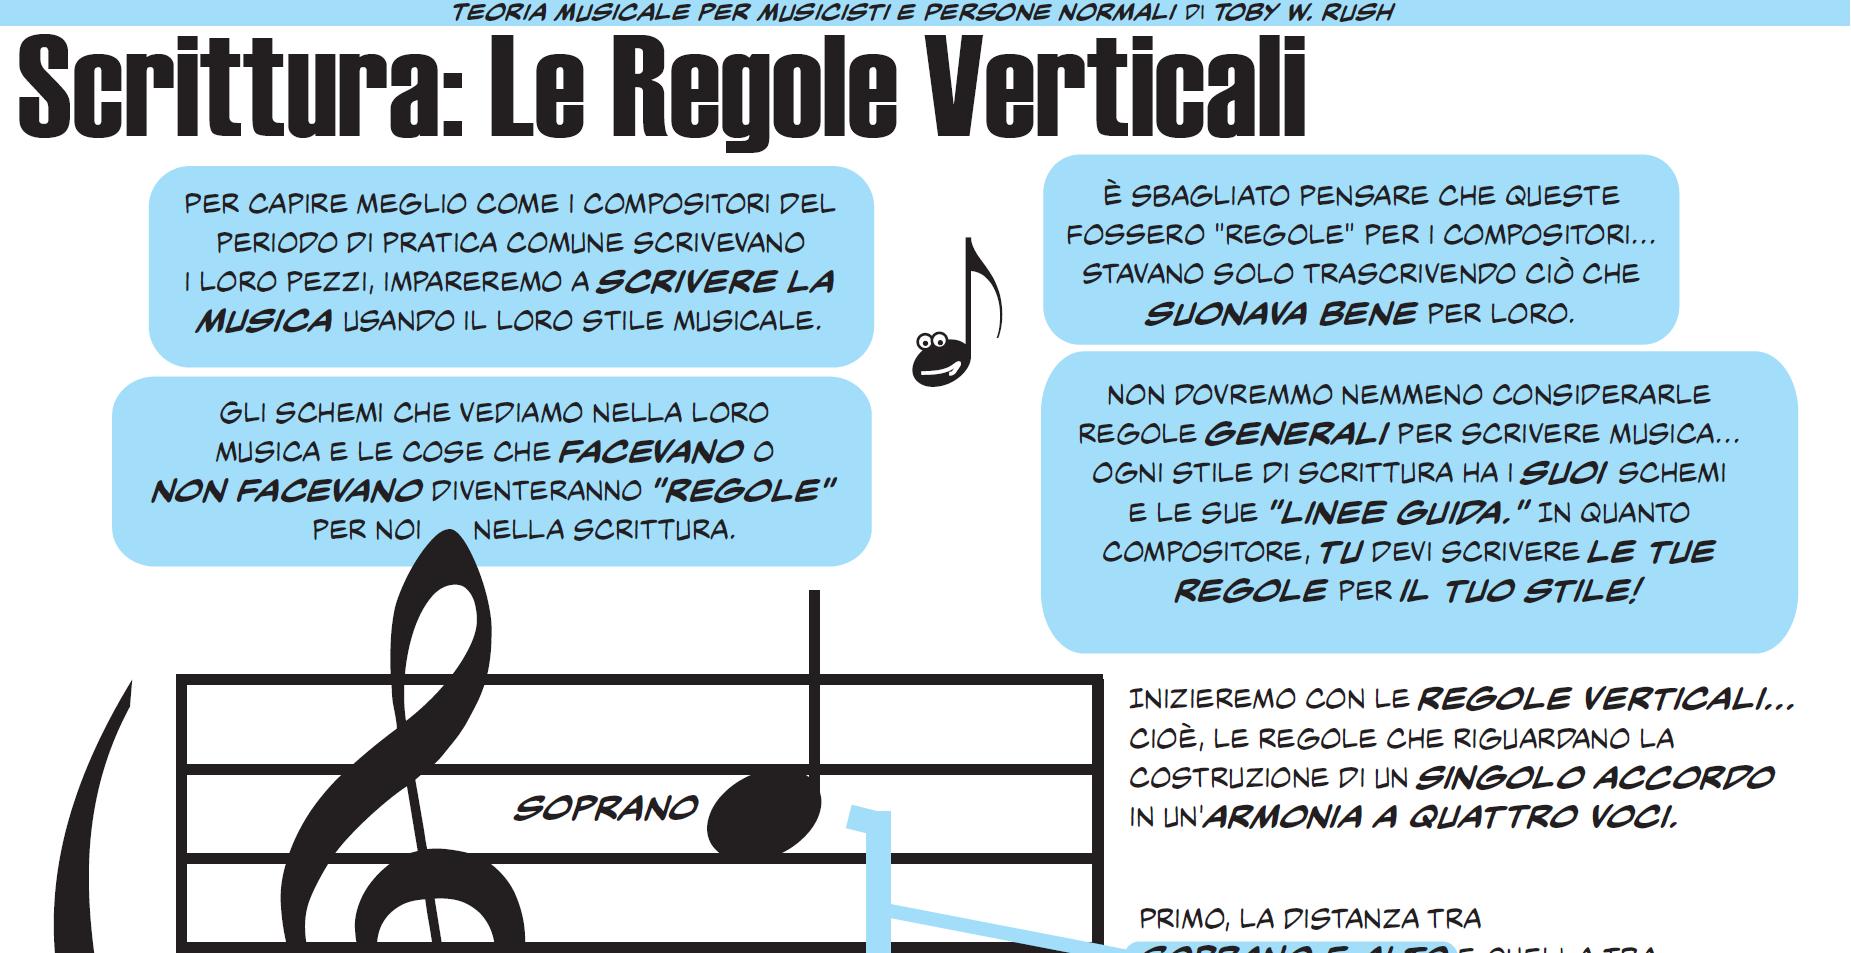 Scrittura: le regole verticali